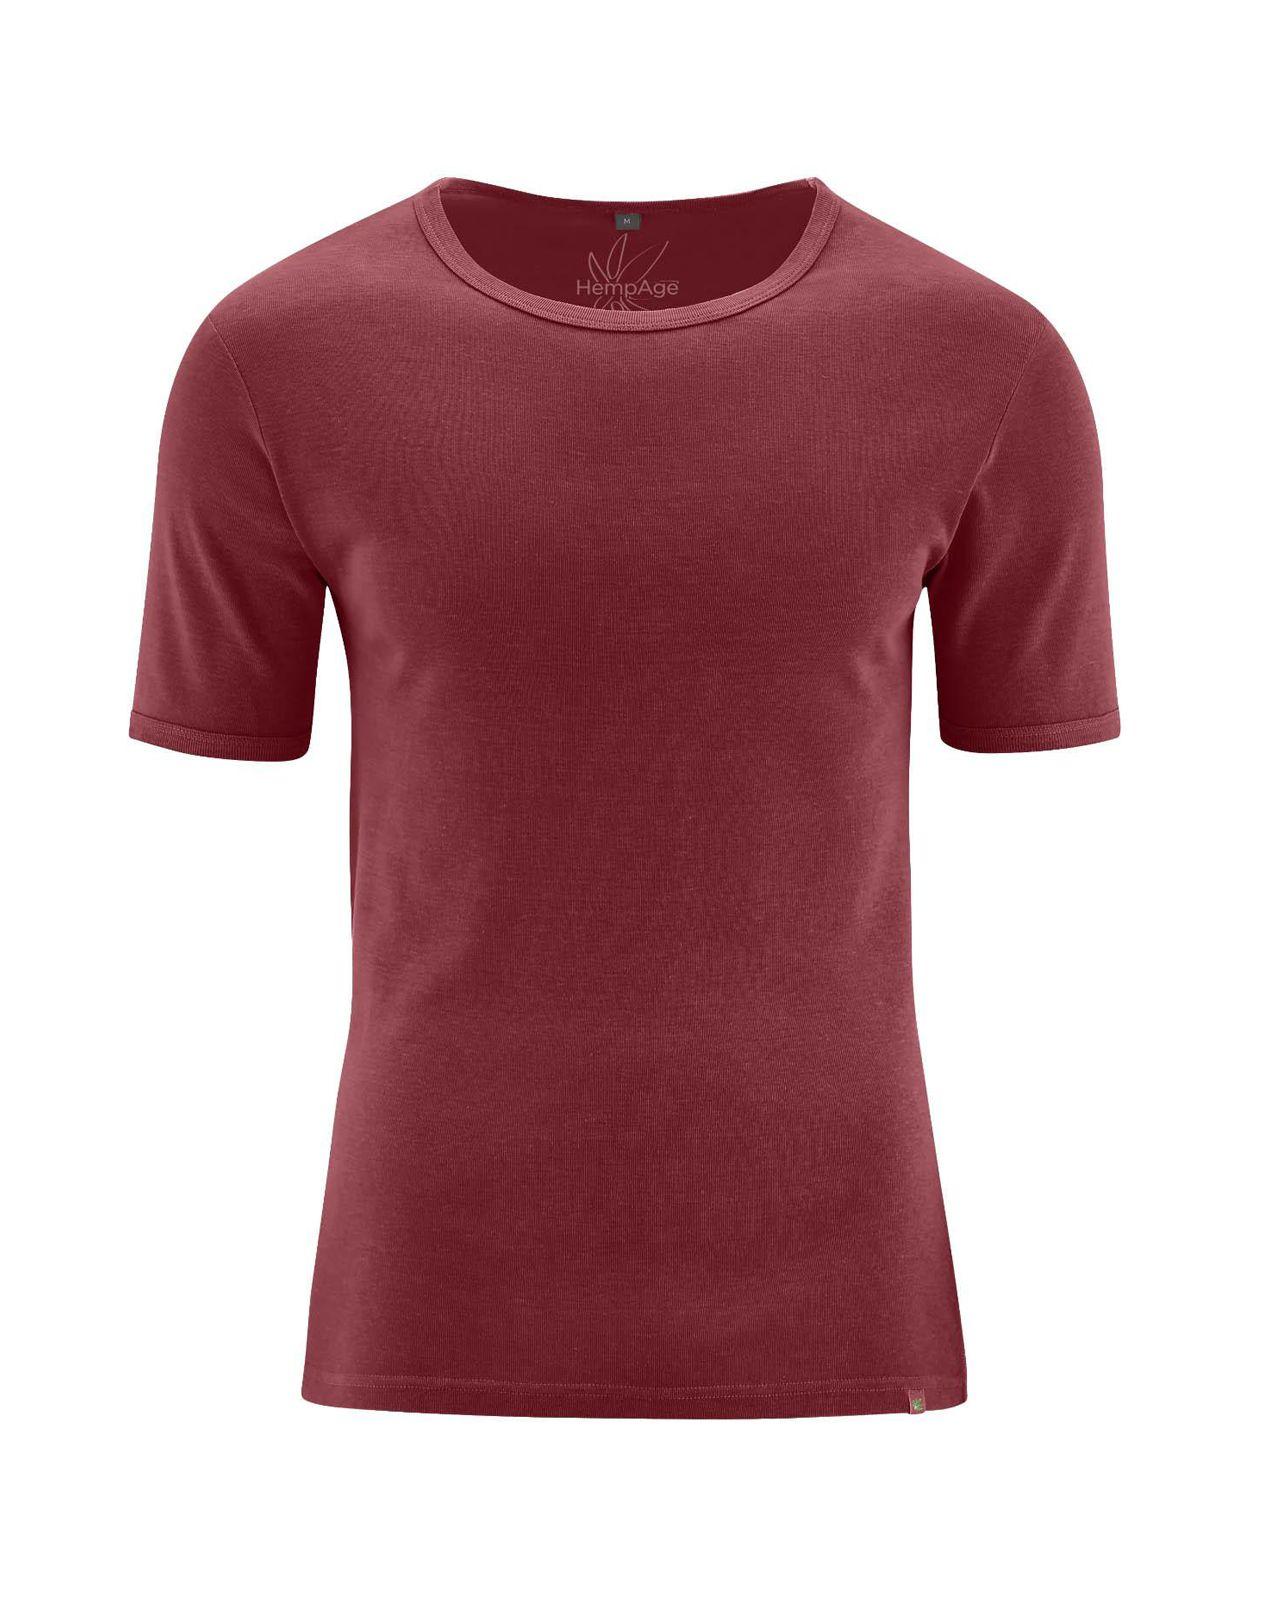 separation shoes fe7e4 db1aa Hombre Manga Camiseta Fieito Vestir De Natural Corta WvxEUdnYqv